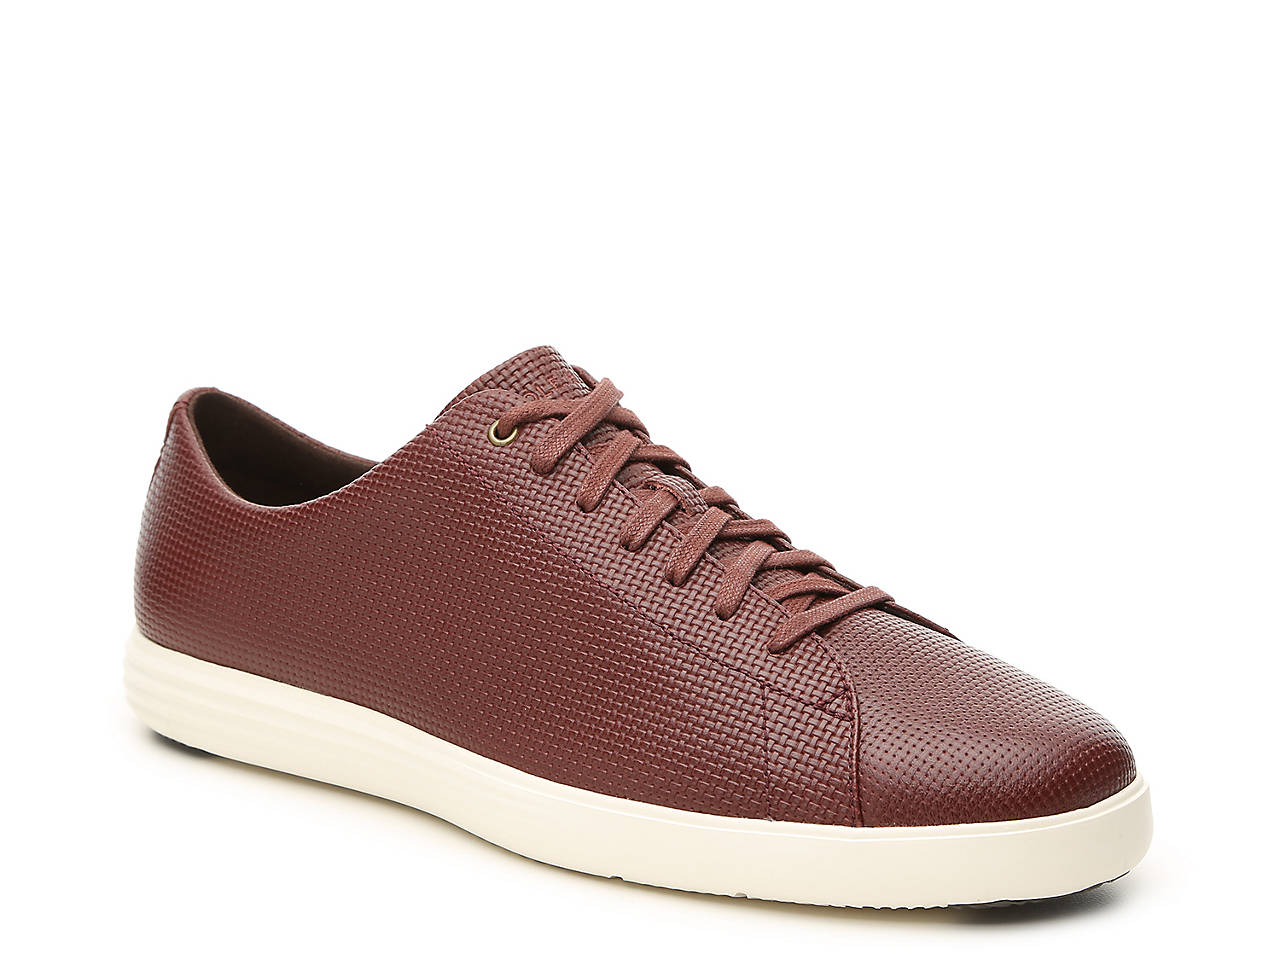 efb1e159d4 Cole Haan Grand Crosscourt II Sneaker Men's Shoes | DSW